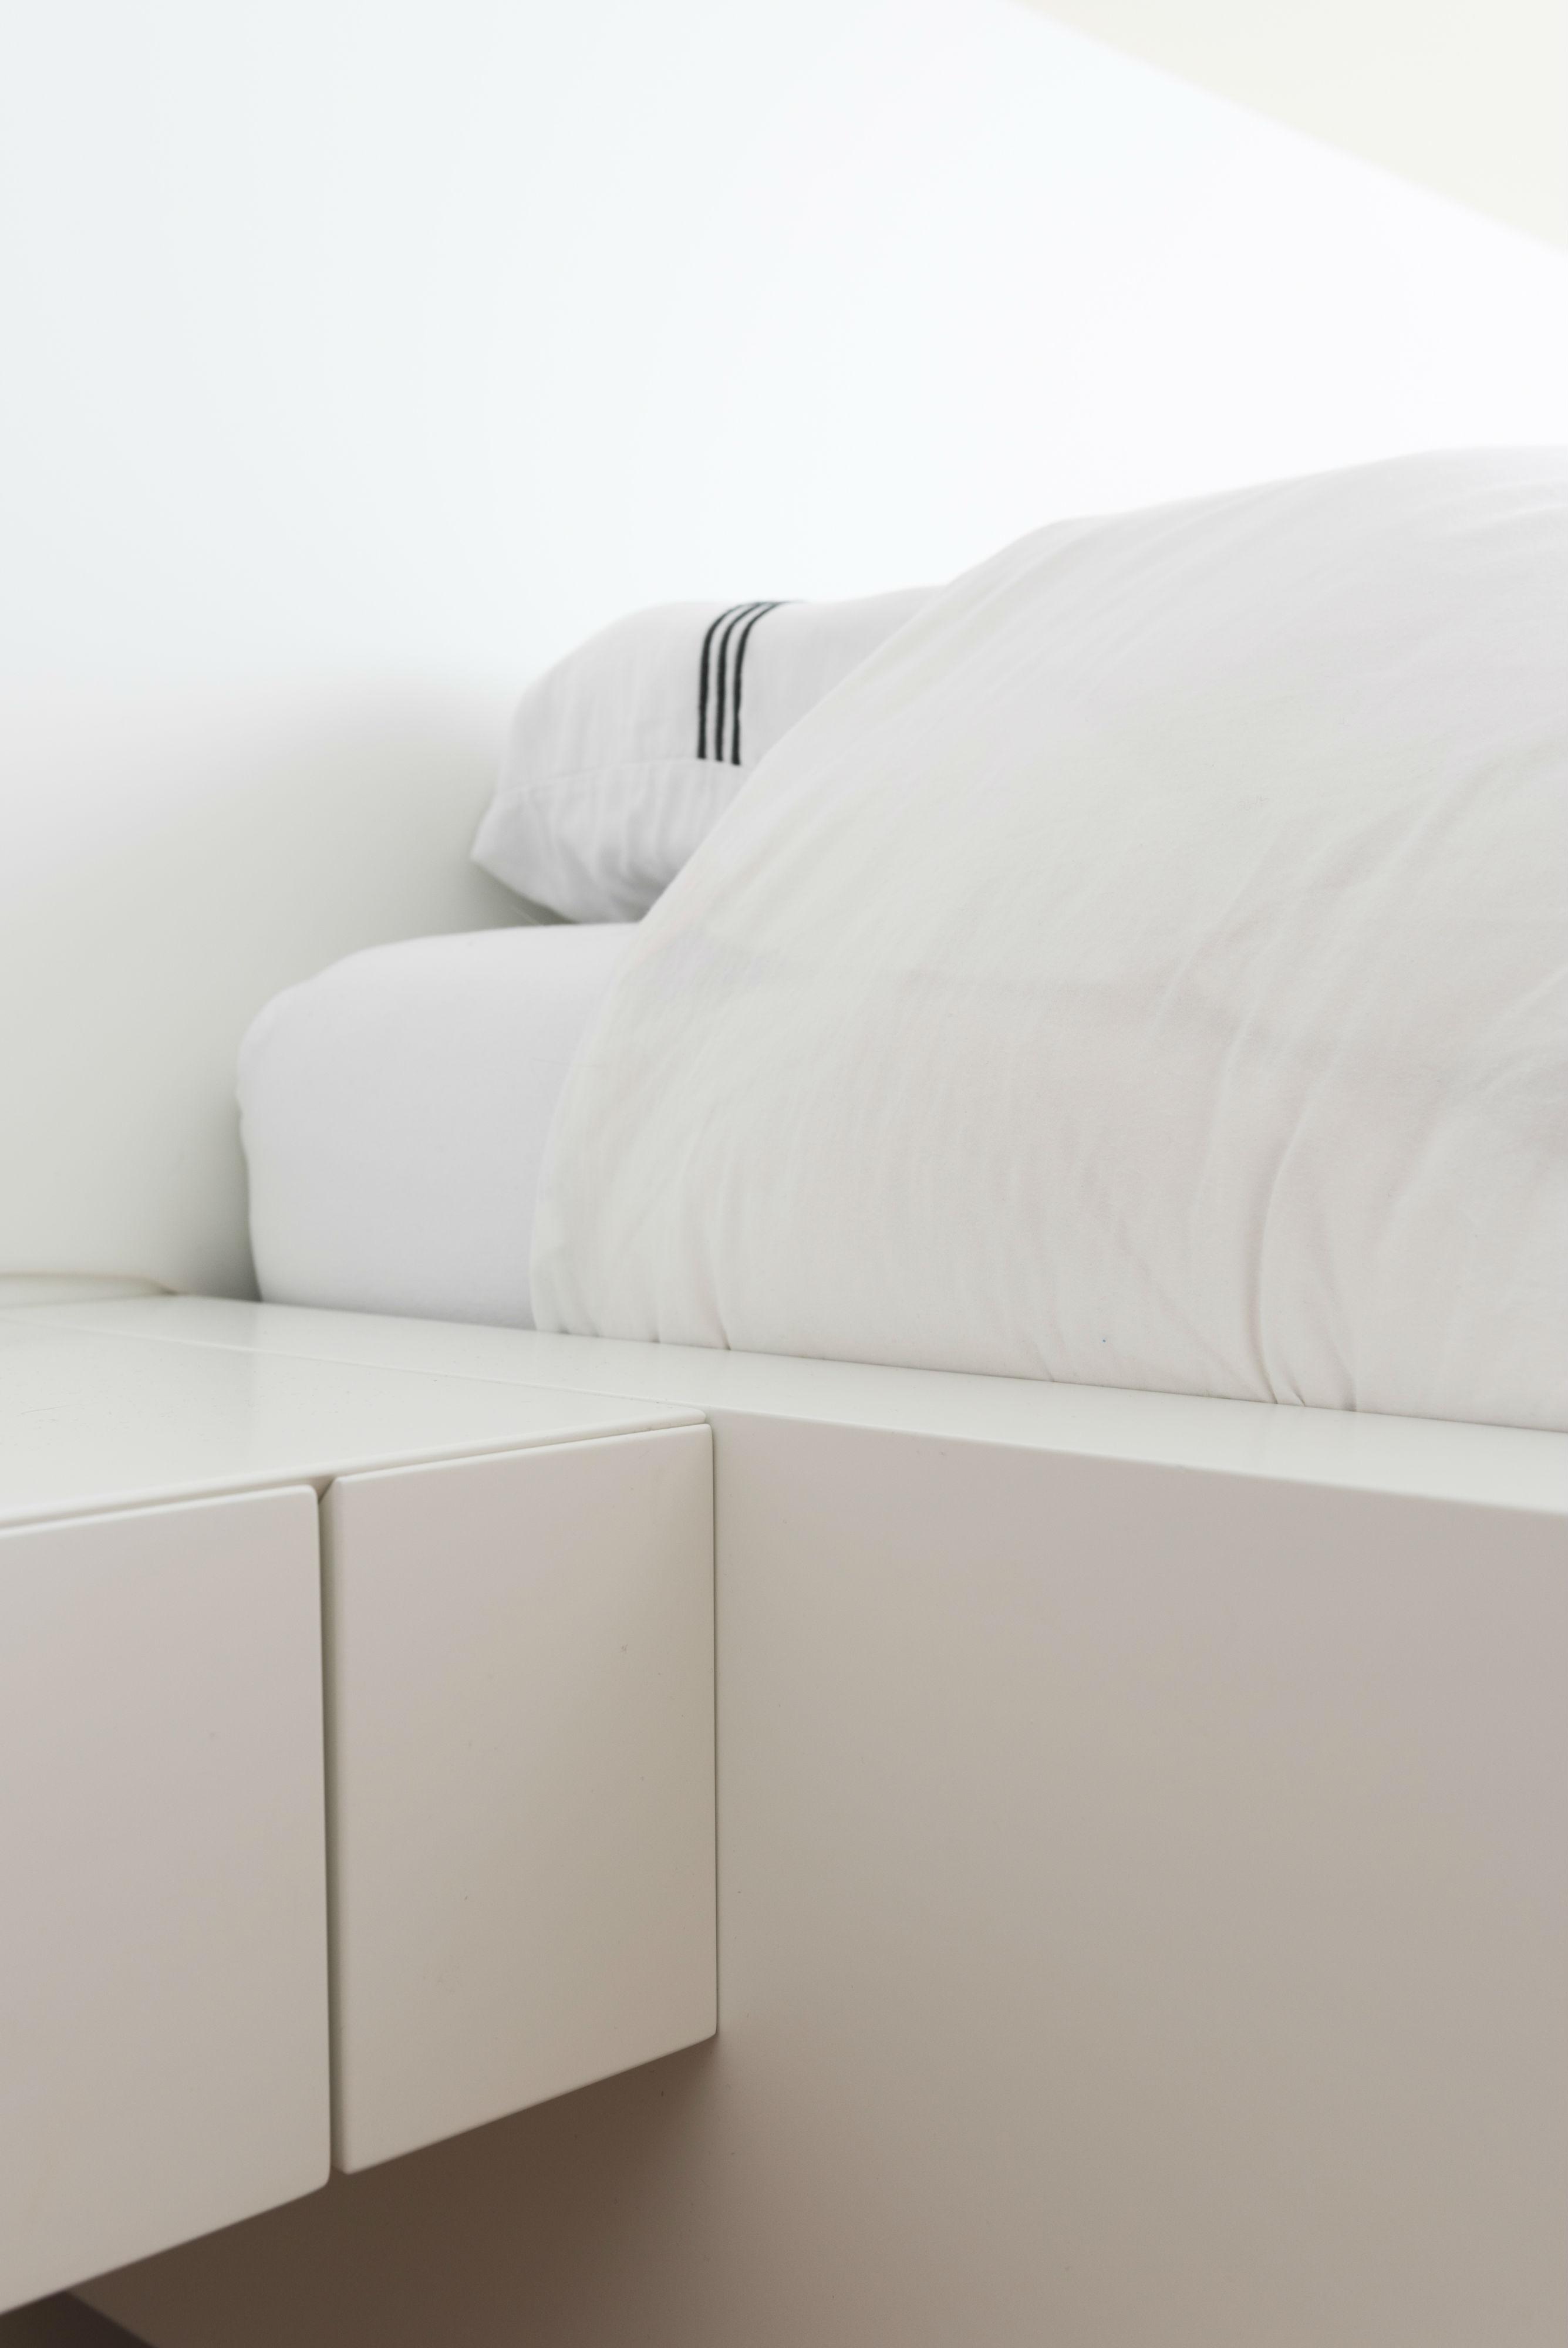 slaapkamer met garderobe eindhoven - jamo restiau, Deco ideeën